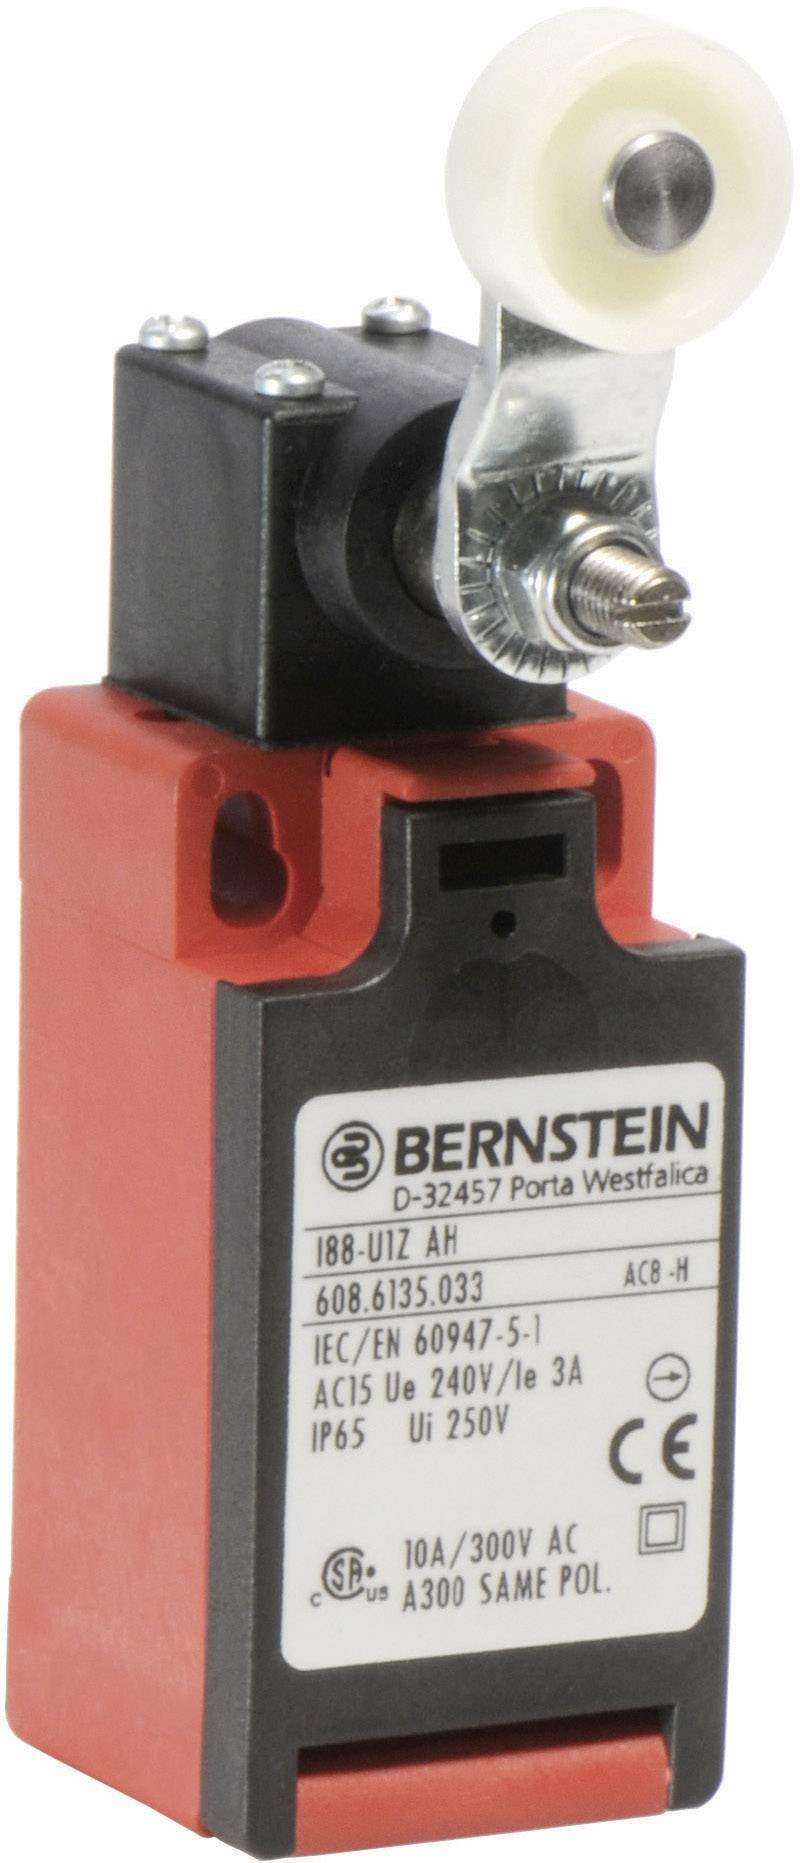 Koncový spínač Bernstein AG I88-U1Z AH, 240 V/AC, 10 A, hydraulické zdvíhadlo , bez aretácie, IP65, 1 ks